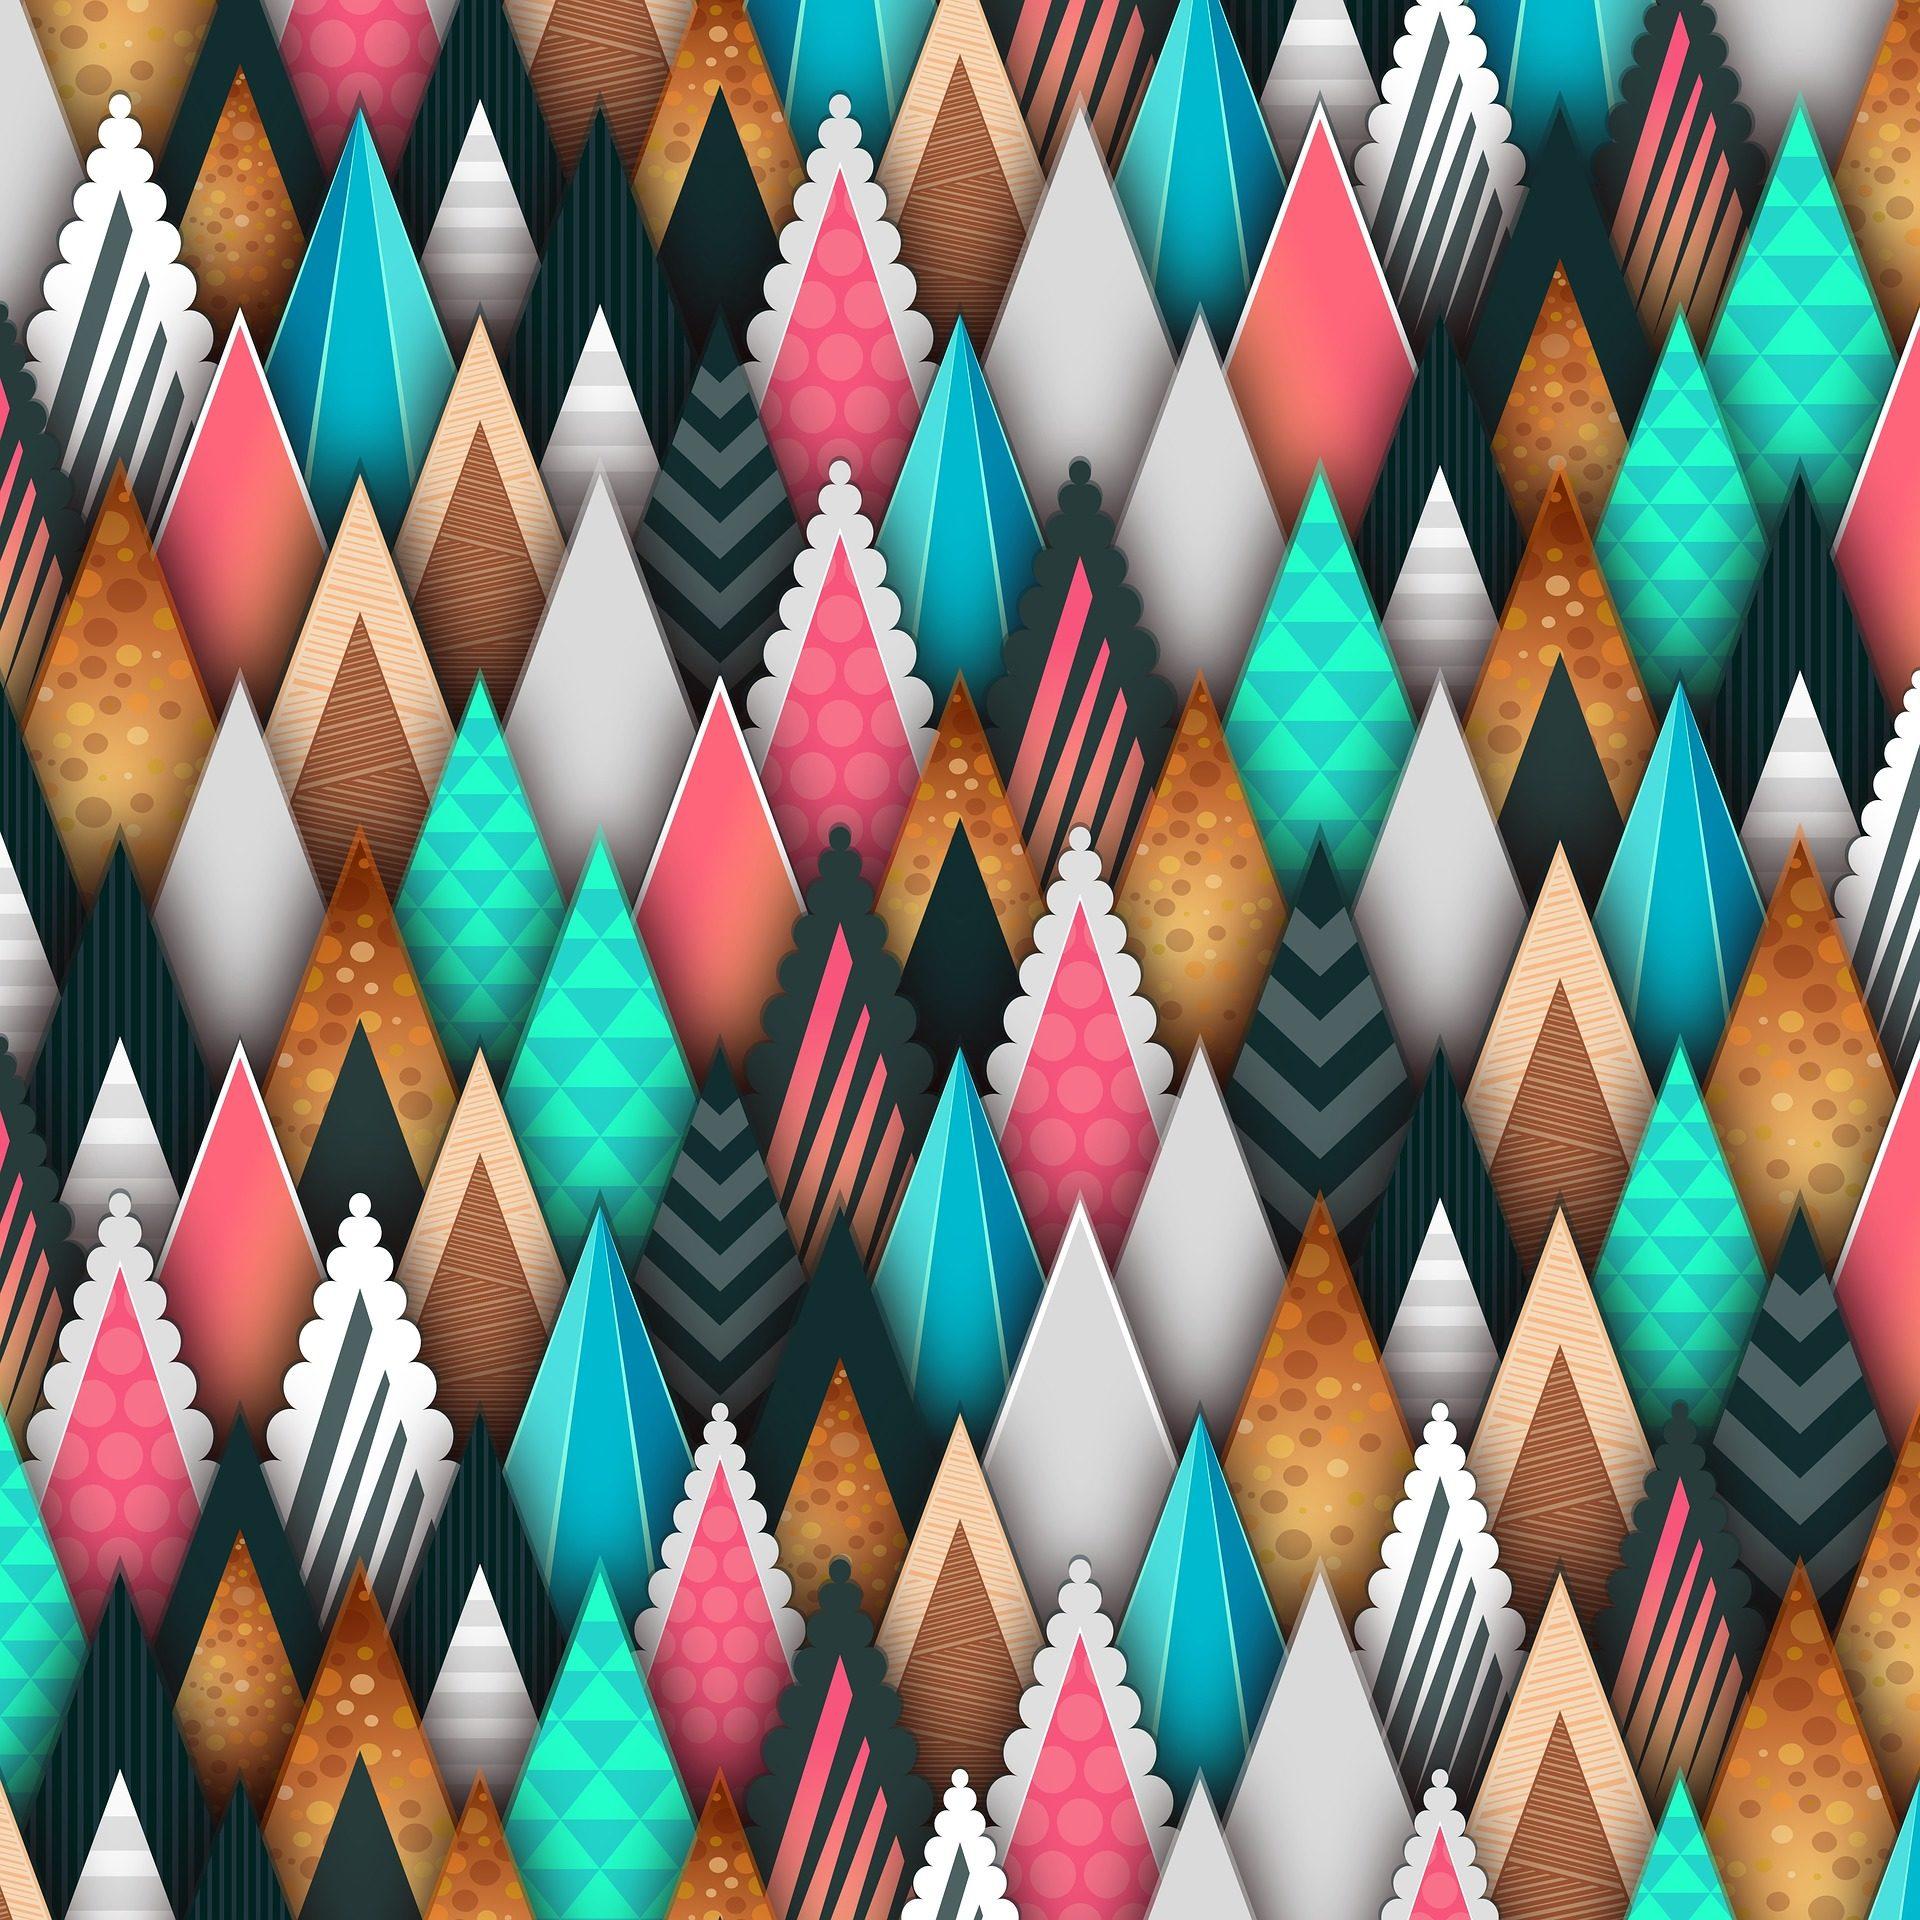 Πίτσα, Λόγχες, βέλη, πολύχρωμο, σπάνια - Wallpapers HD - Professor-falken.com